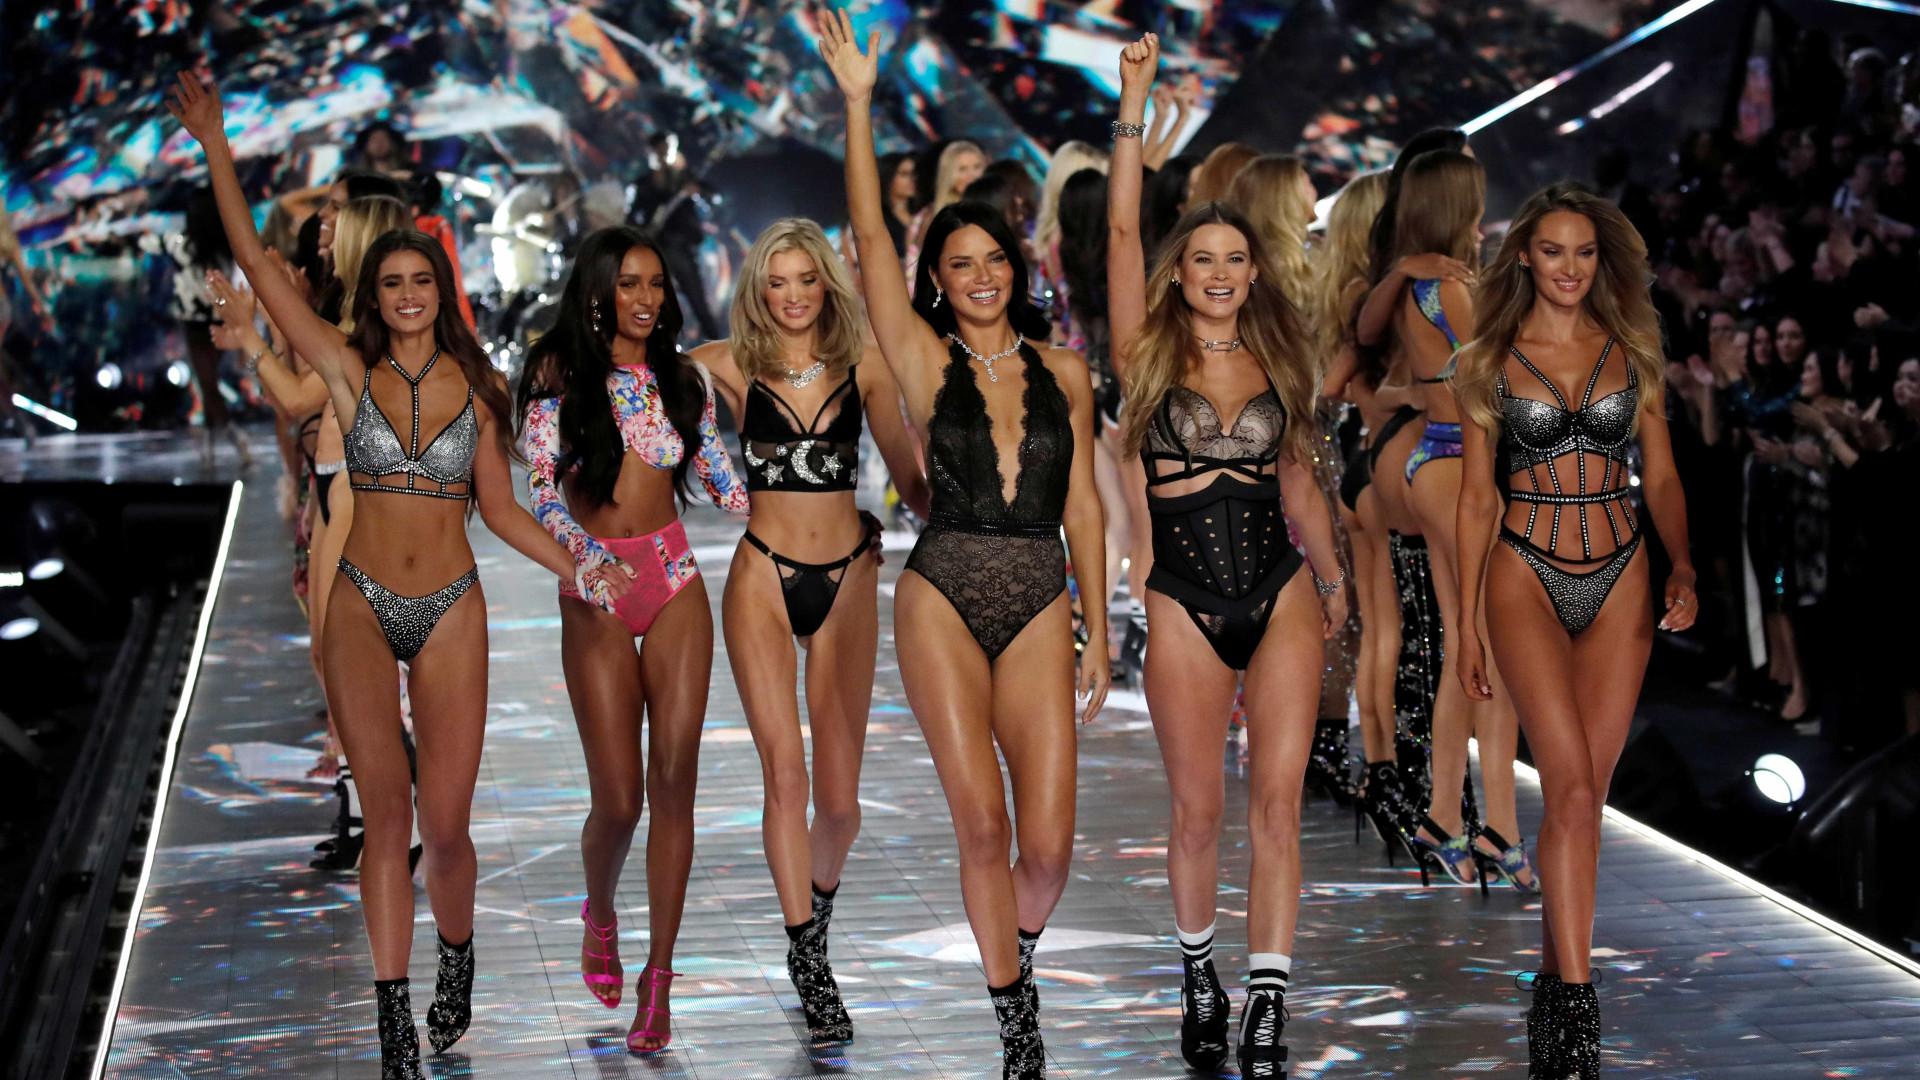 Fique por dentro de 6 tendências na moda íntima para 2019